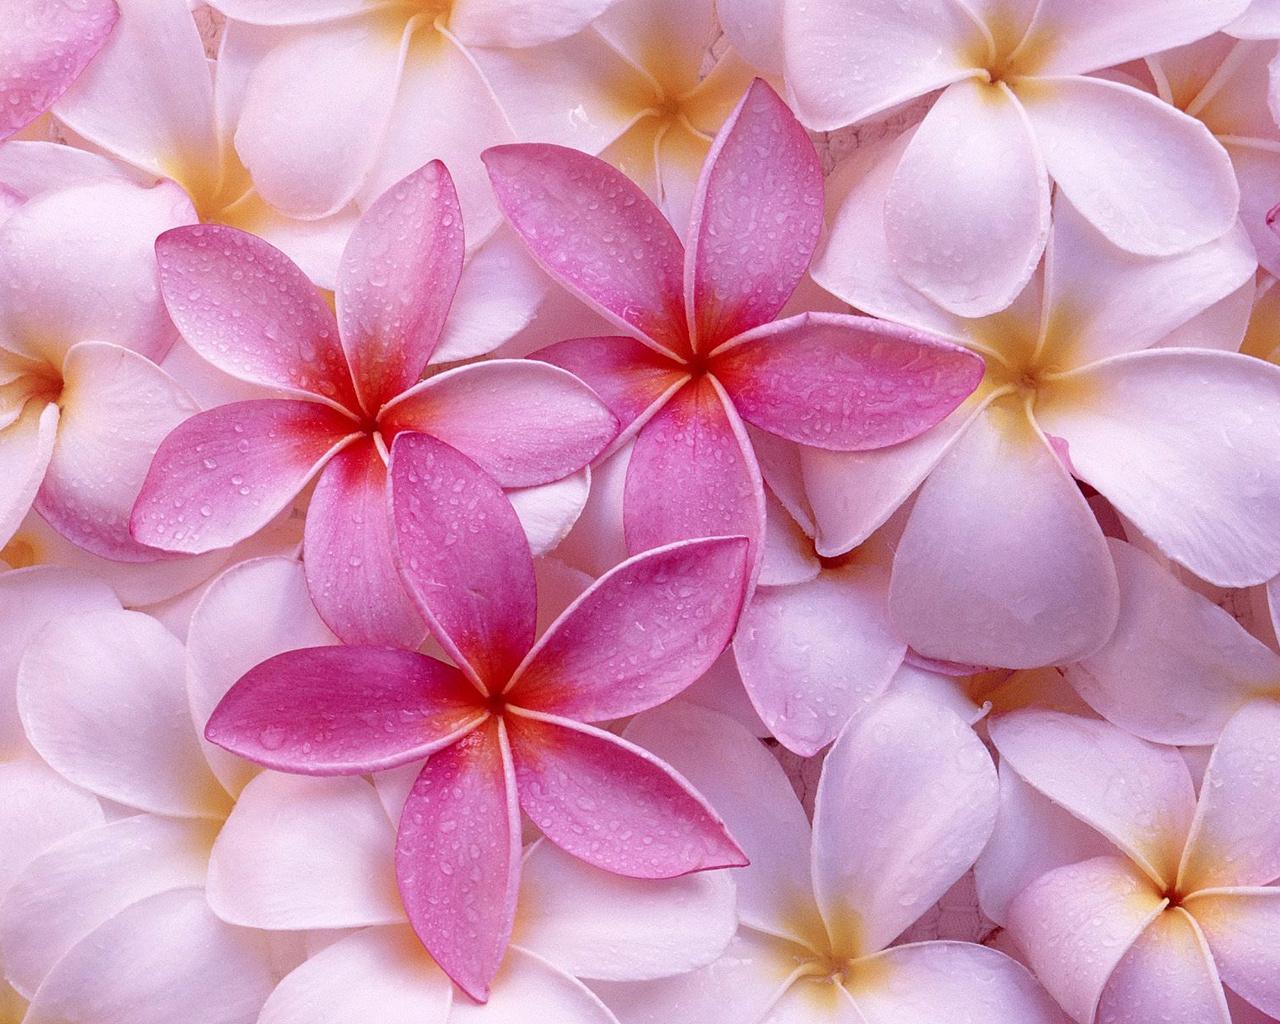 flower wallpaper A10